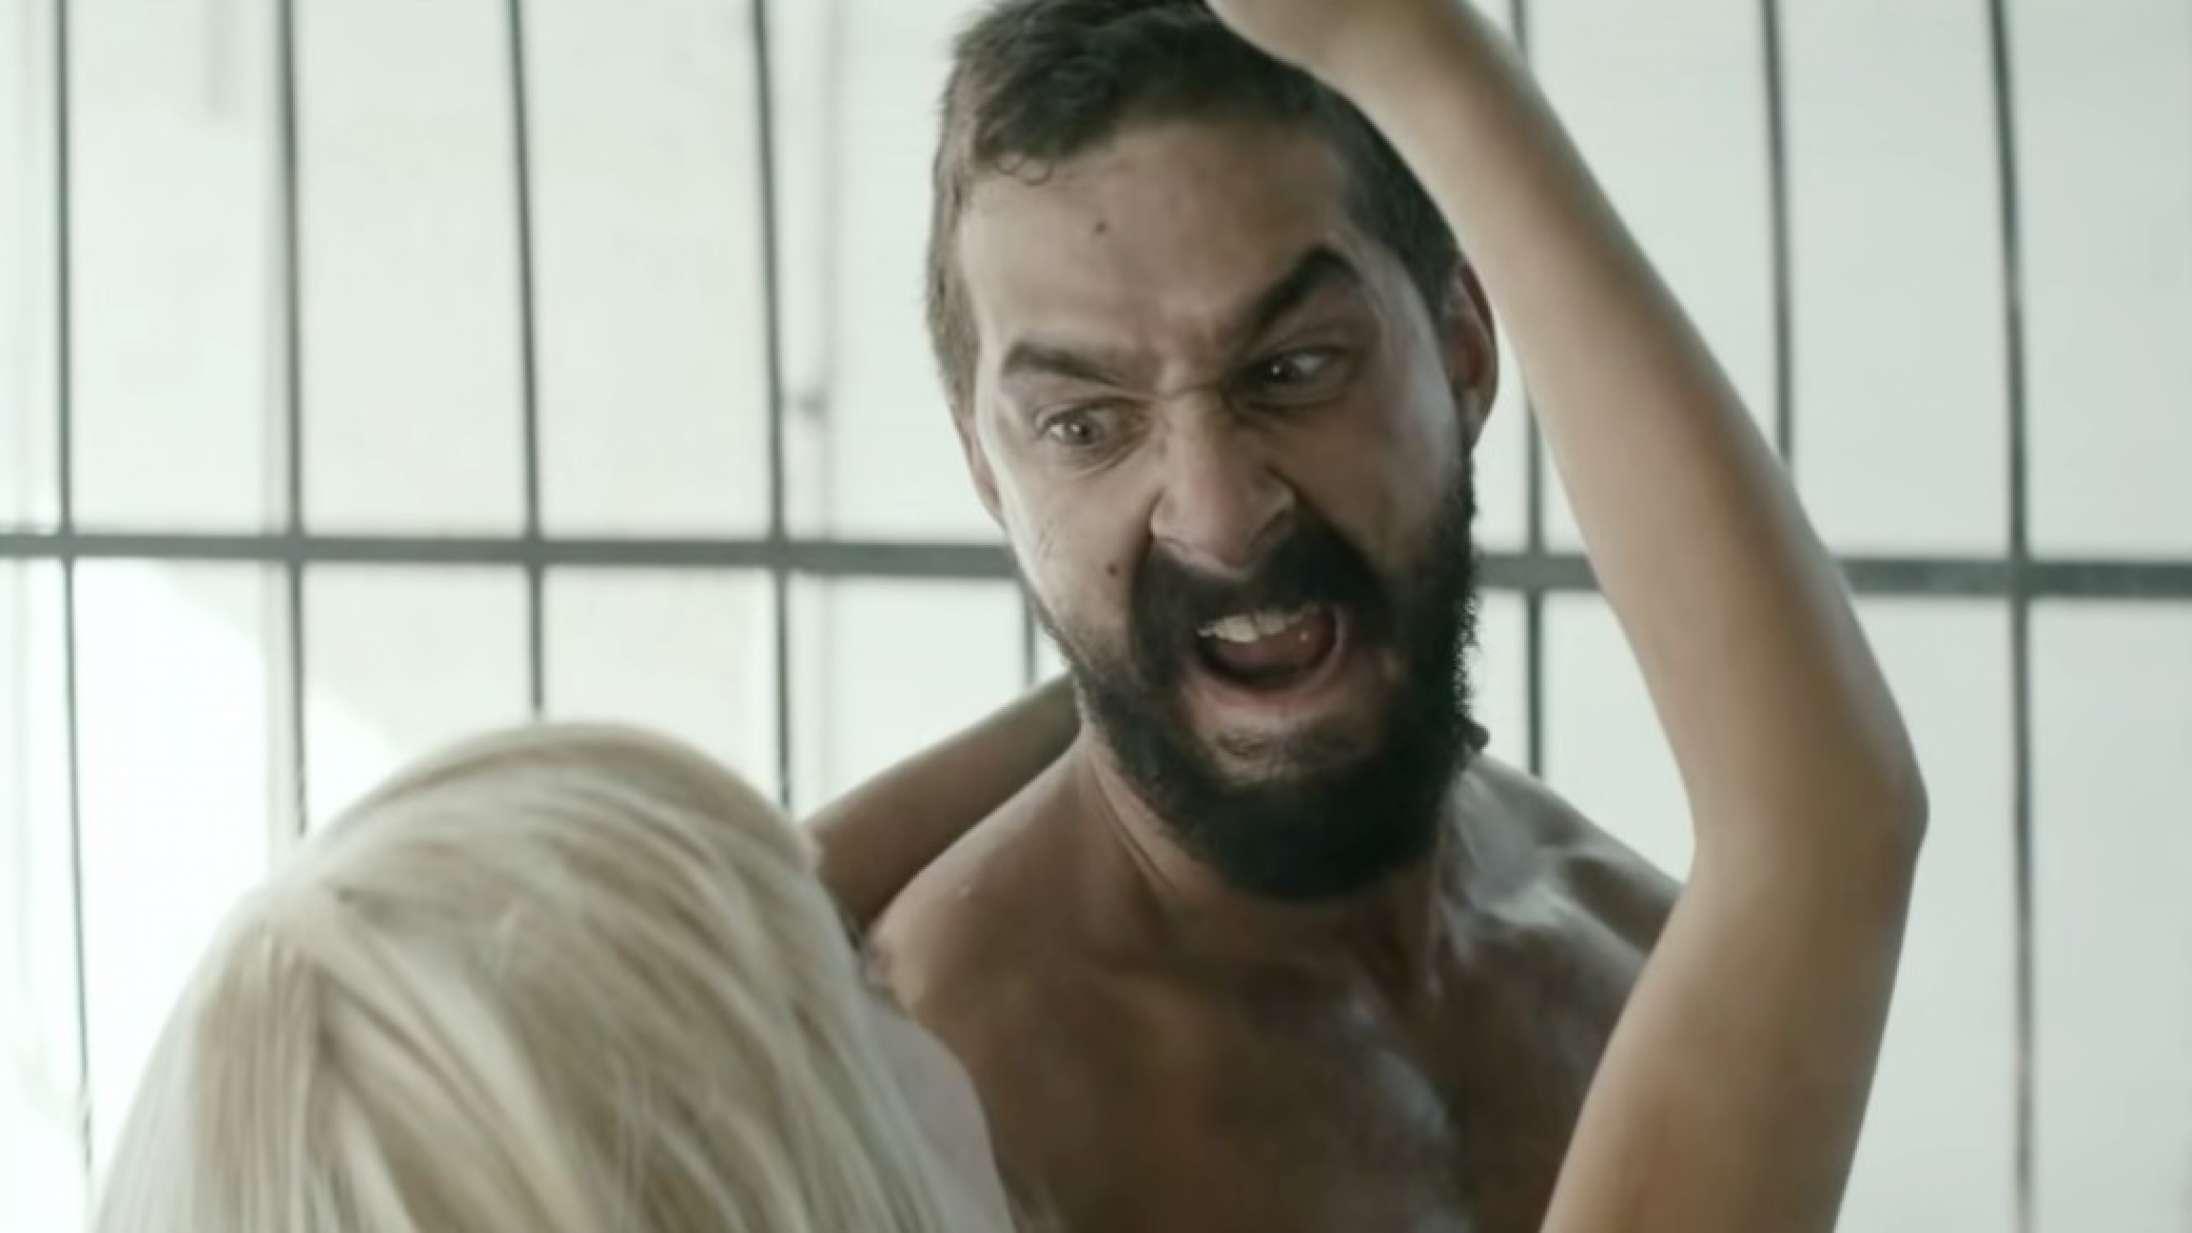 De kontroversielle musikvideoer: Sia lukkede halvnøgne Shia LaBeouf og Maddie Ziegler inde i et bur, og Twitter-helvede brød løs